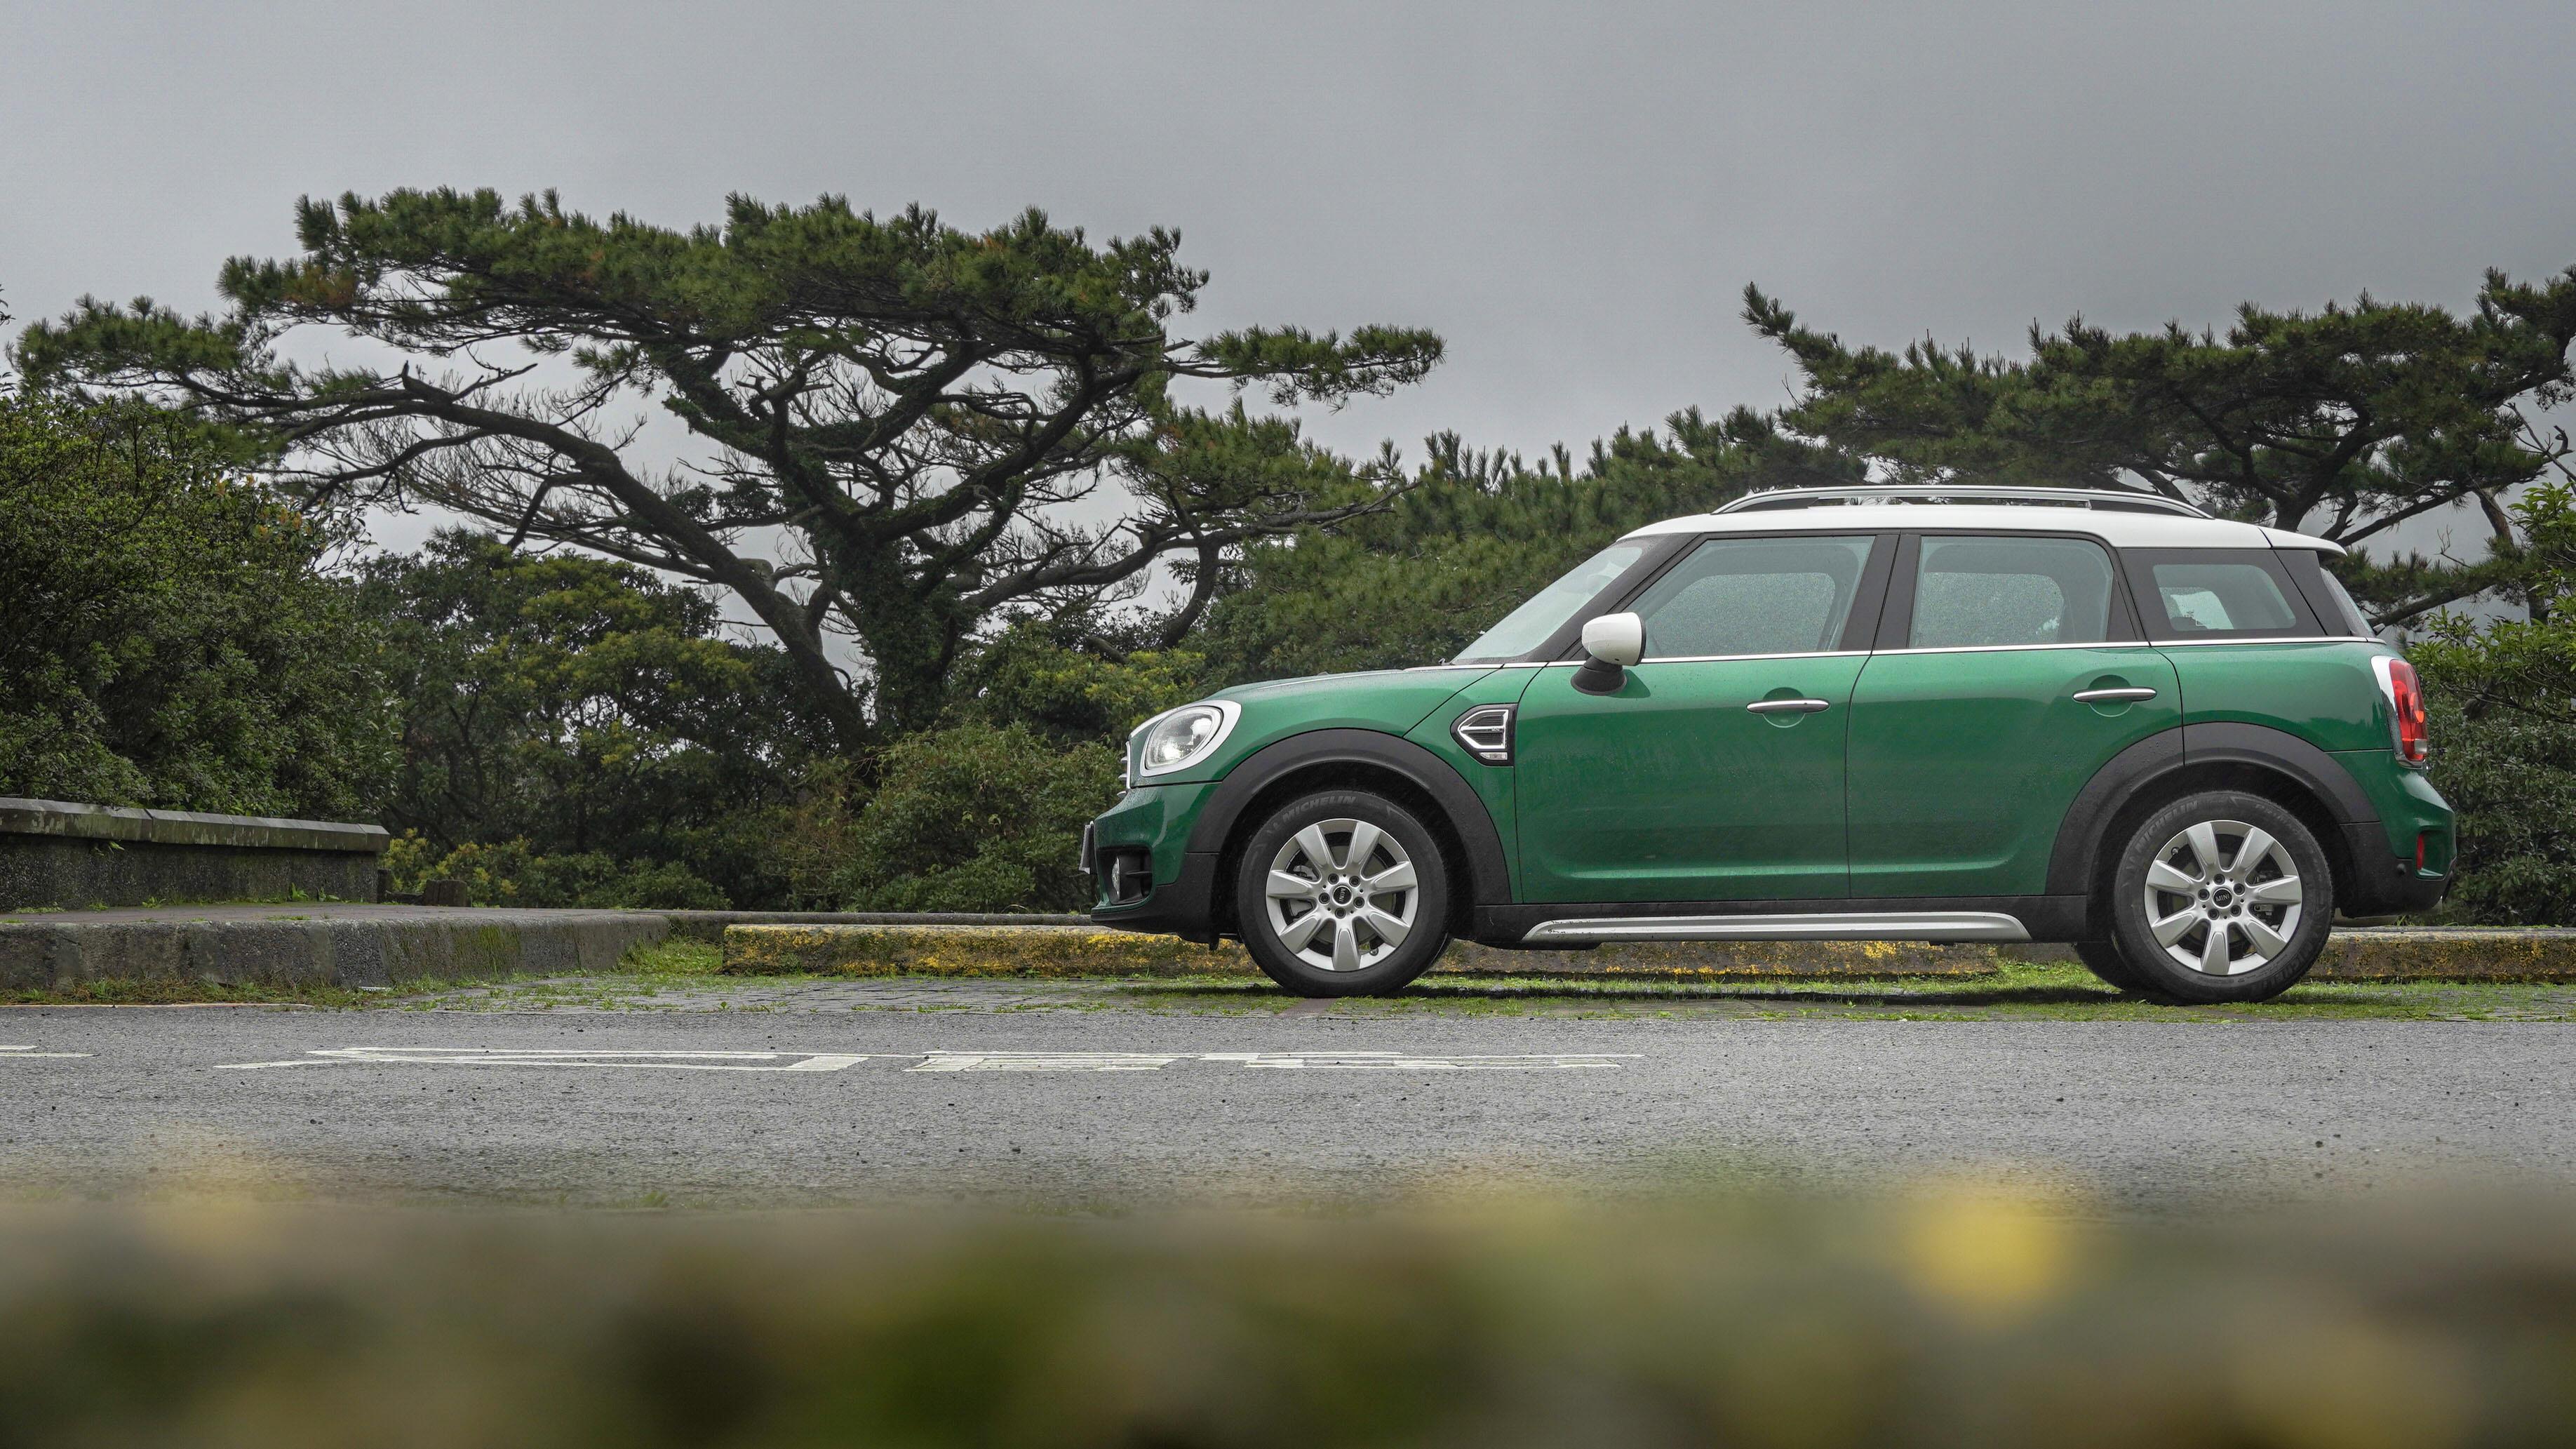 試駕車選配 MINI 60 週年紀念色 British Racing Green IV。